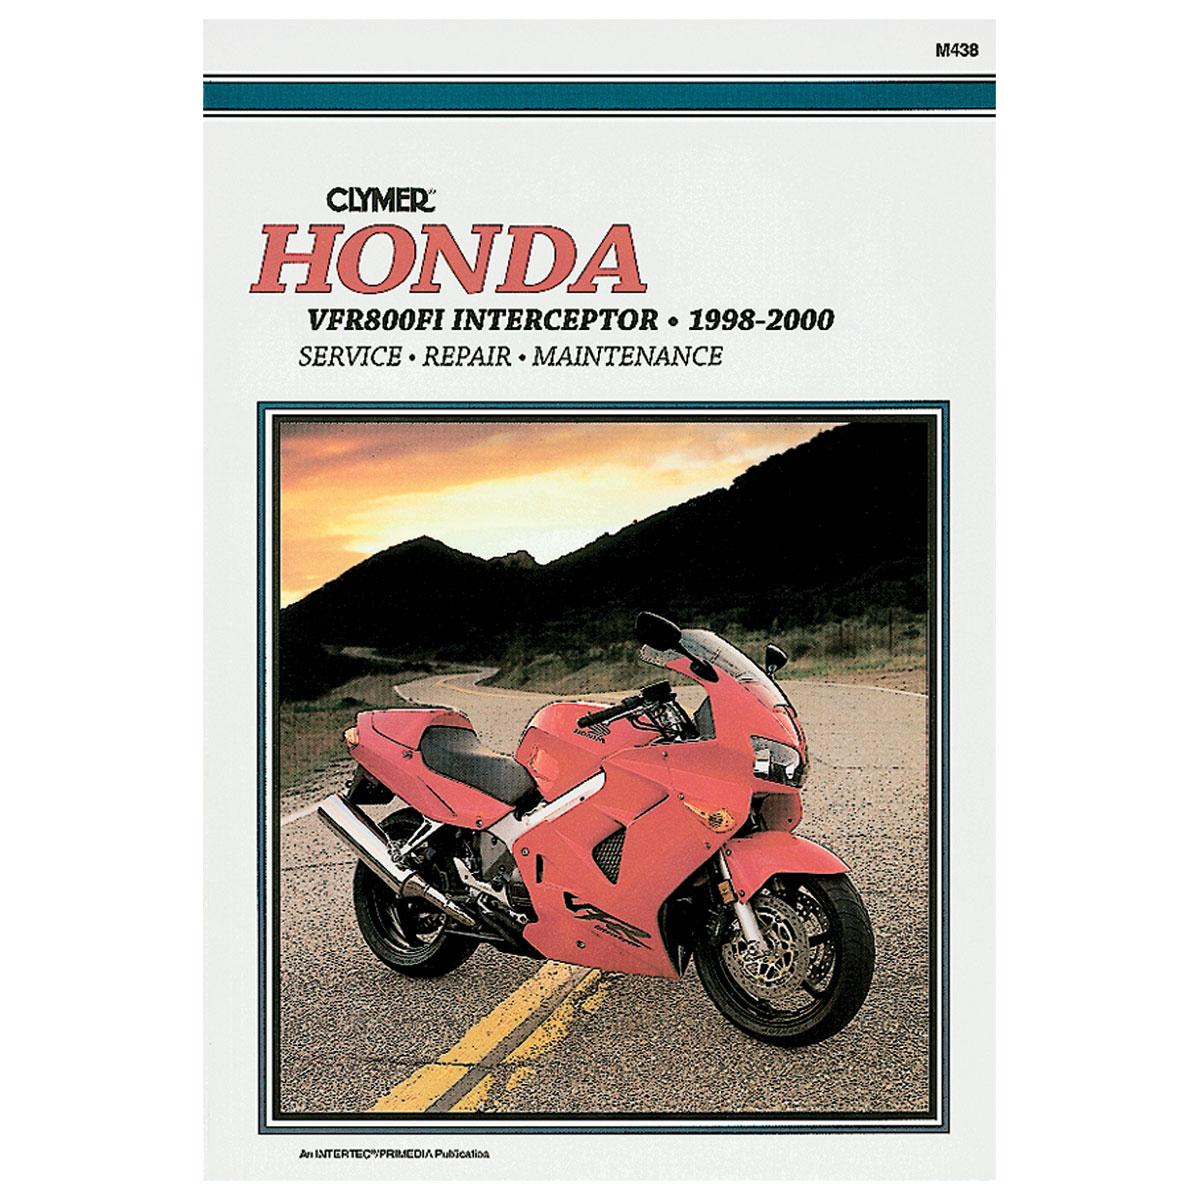 clymer honda motorcycle repair manual 181 2328 j p cycles rh jpcycles com motorcycle repair guide pdf motorcycle repair labor guide